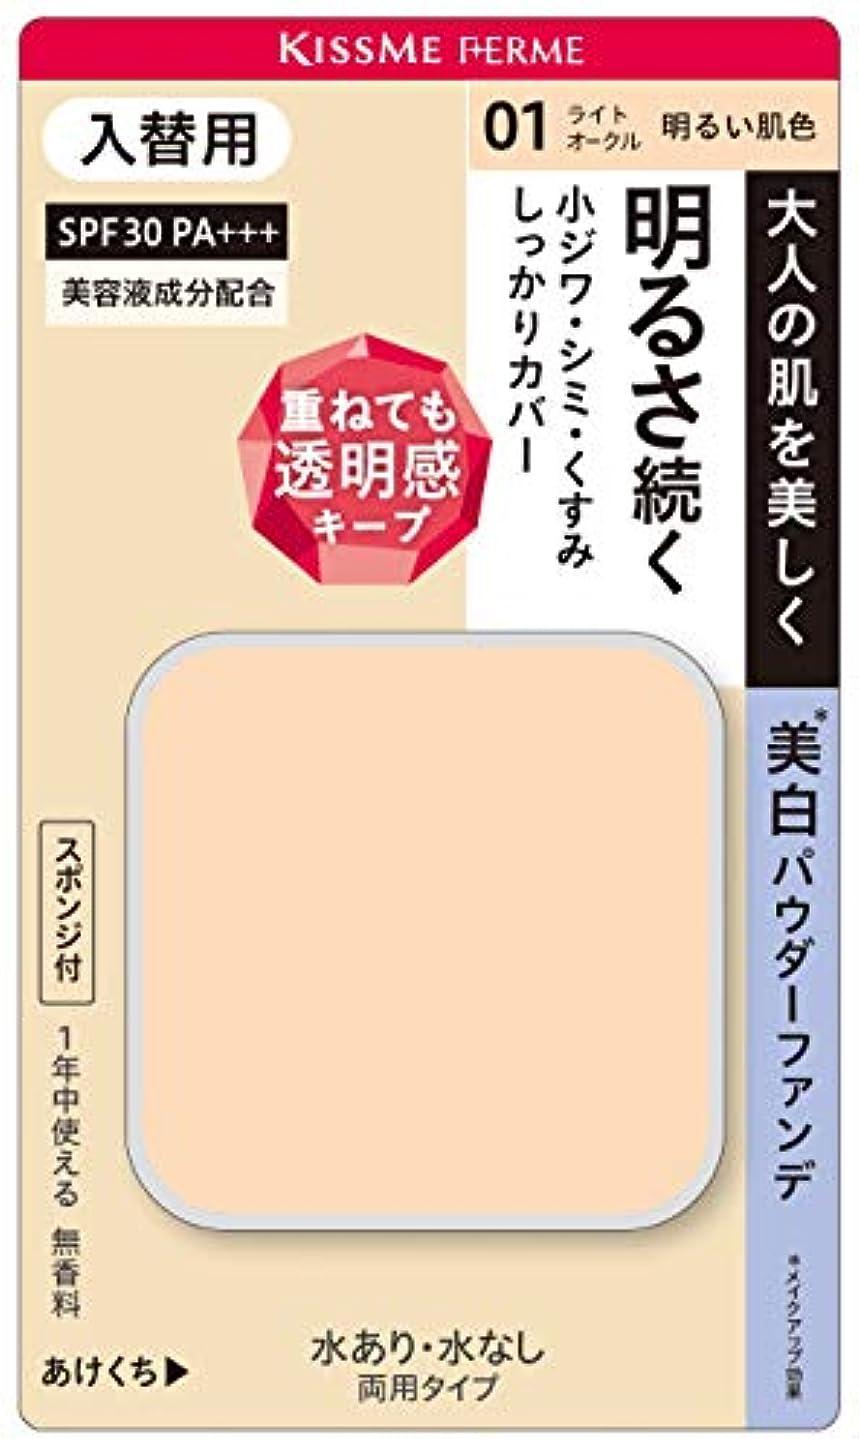 減少出発騒ぎキスミーフェルム カバーして明るい肌 パウダーファンデ(入替用)01